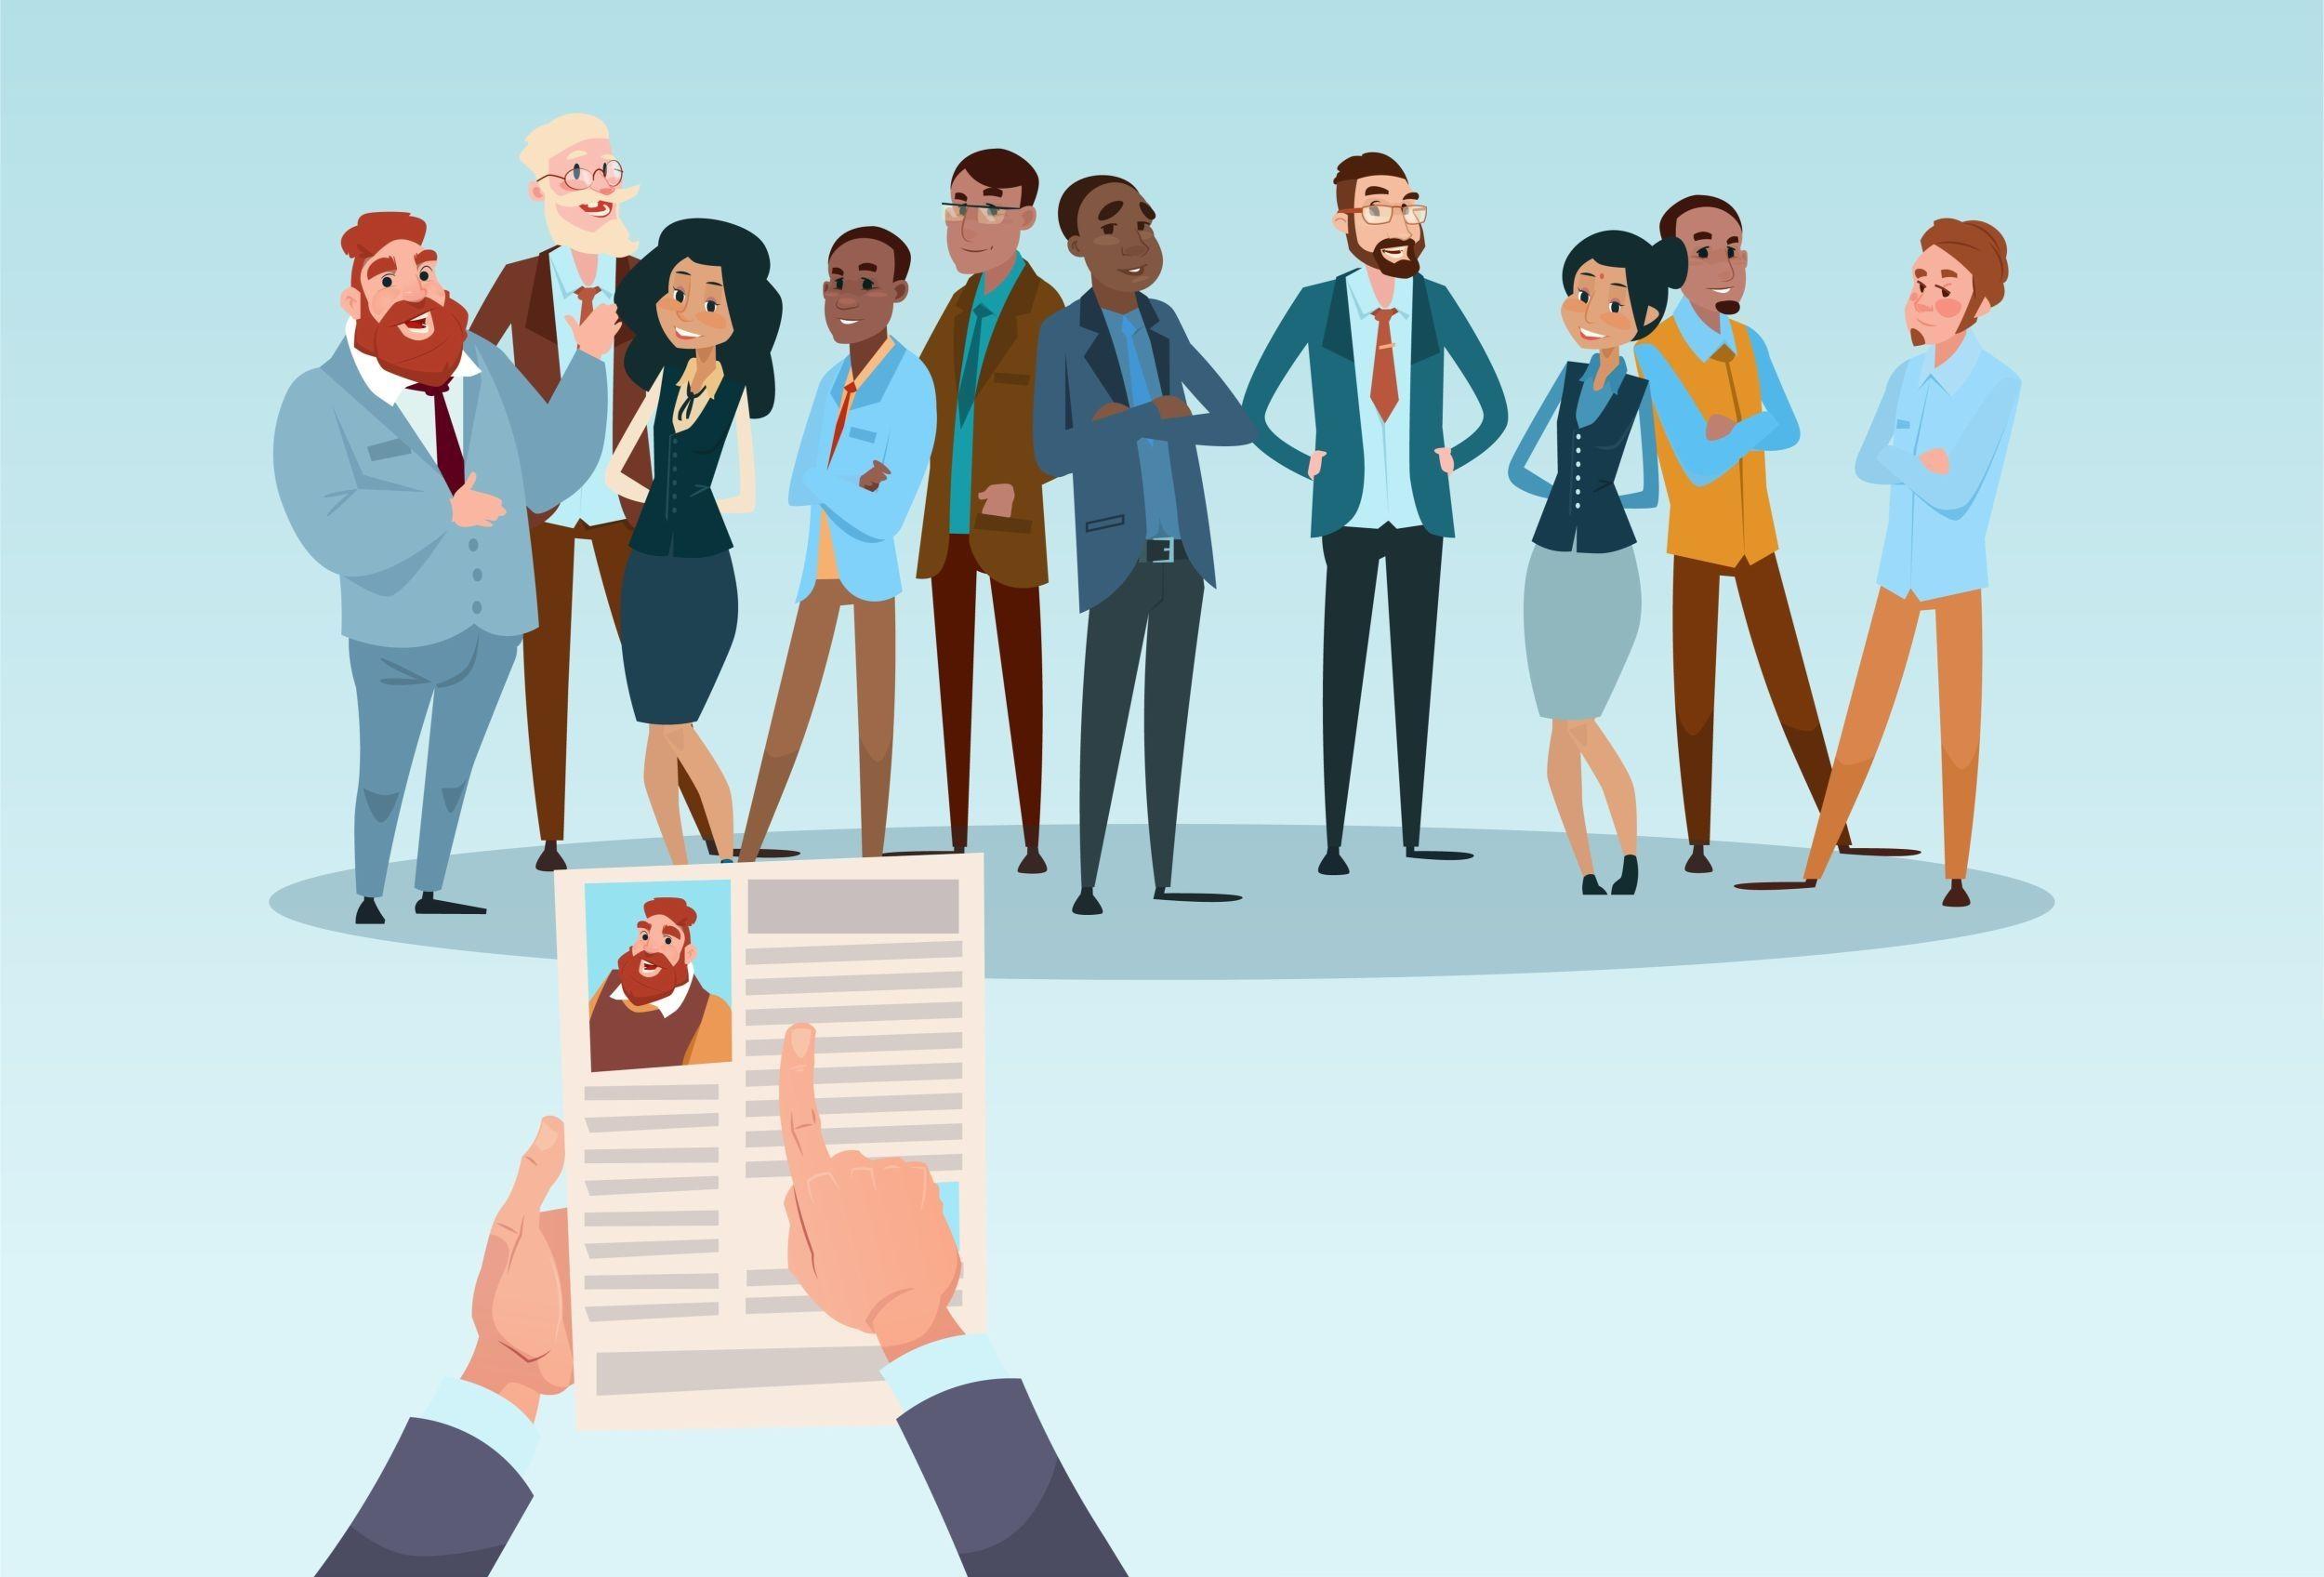 Rekrutacja może być długa i skomplikowana (fot. shutterstock)